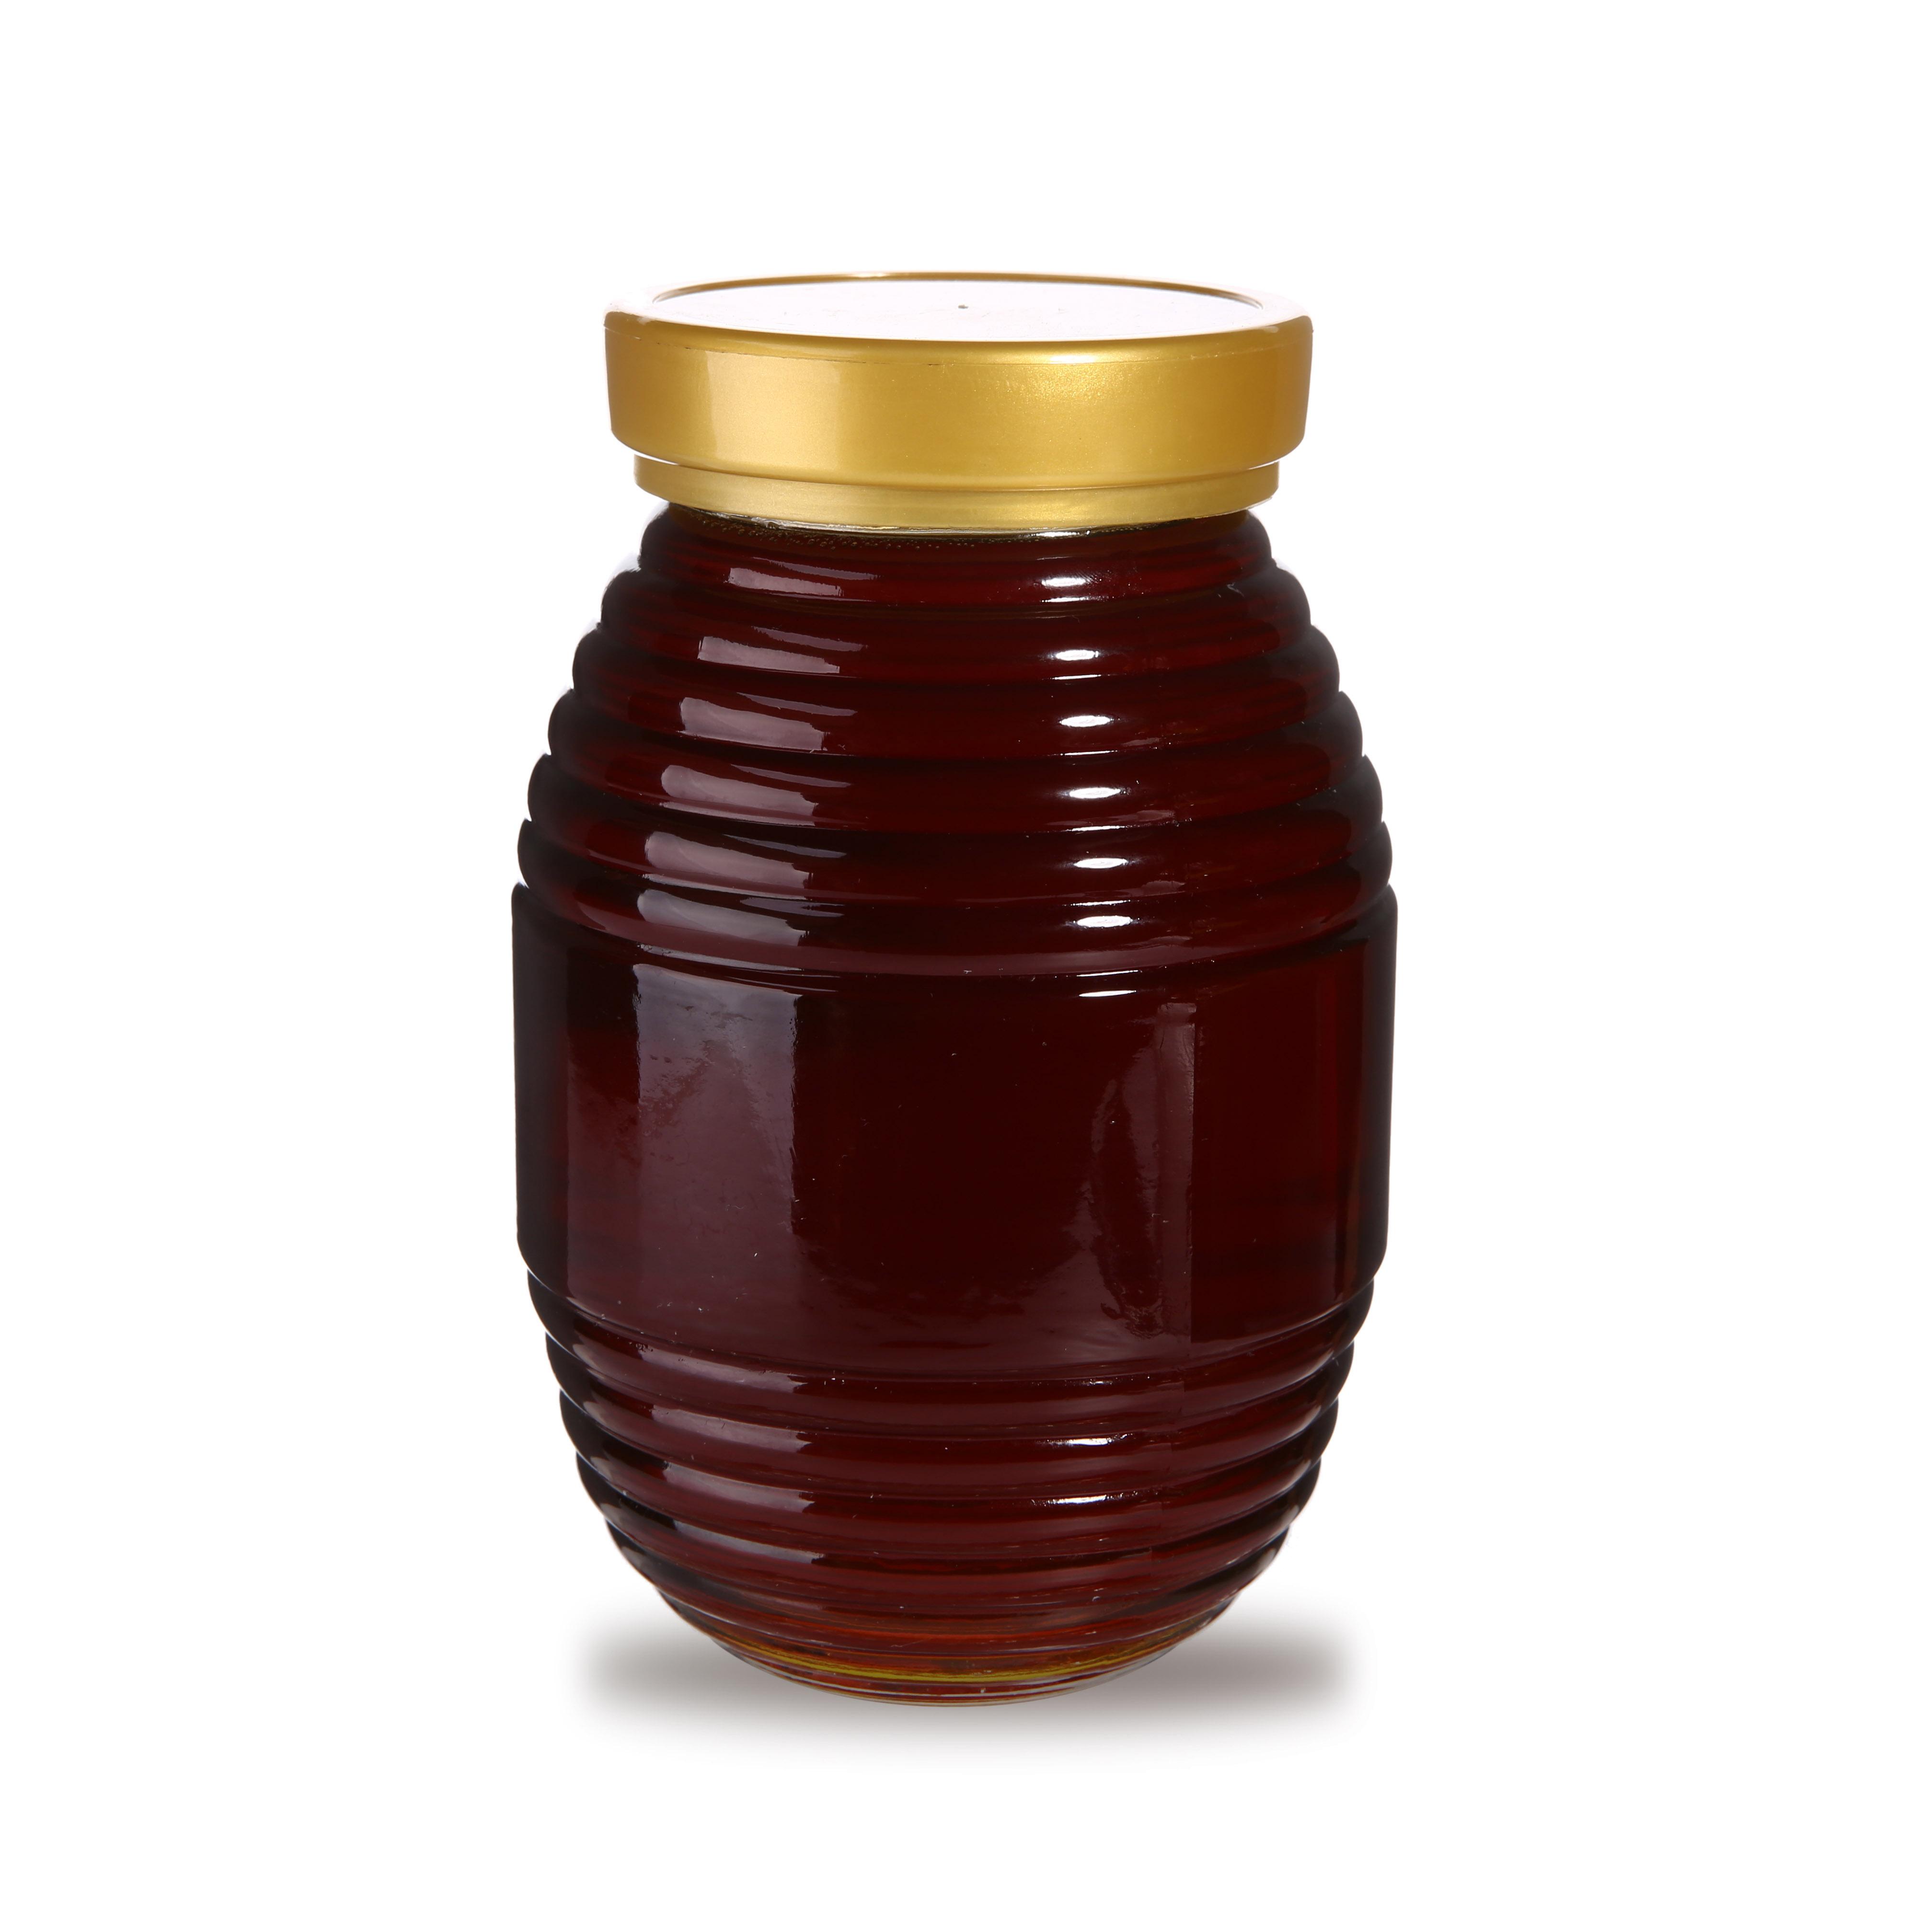 Высококачественный липкий темный цвет, сырой натуральный мед оптом